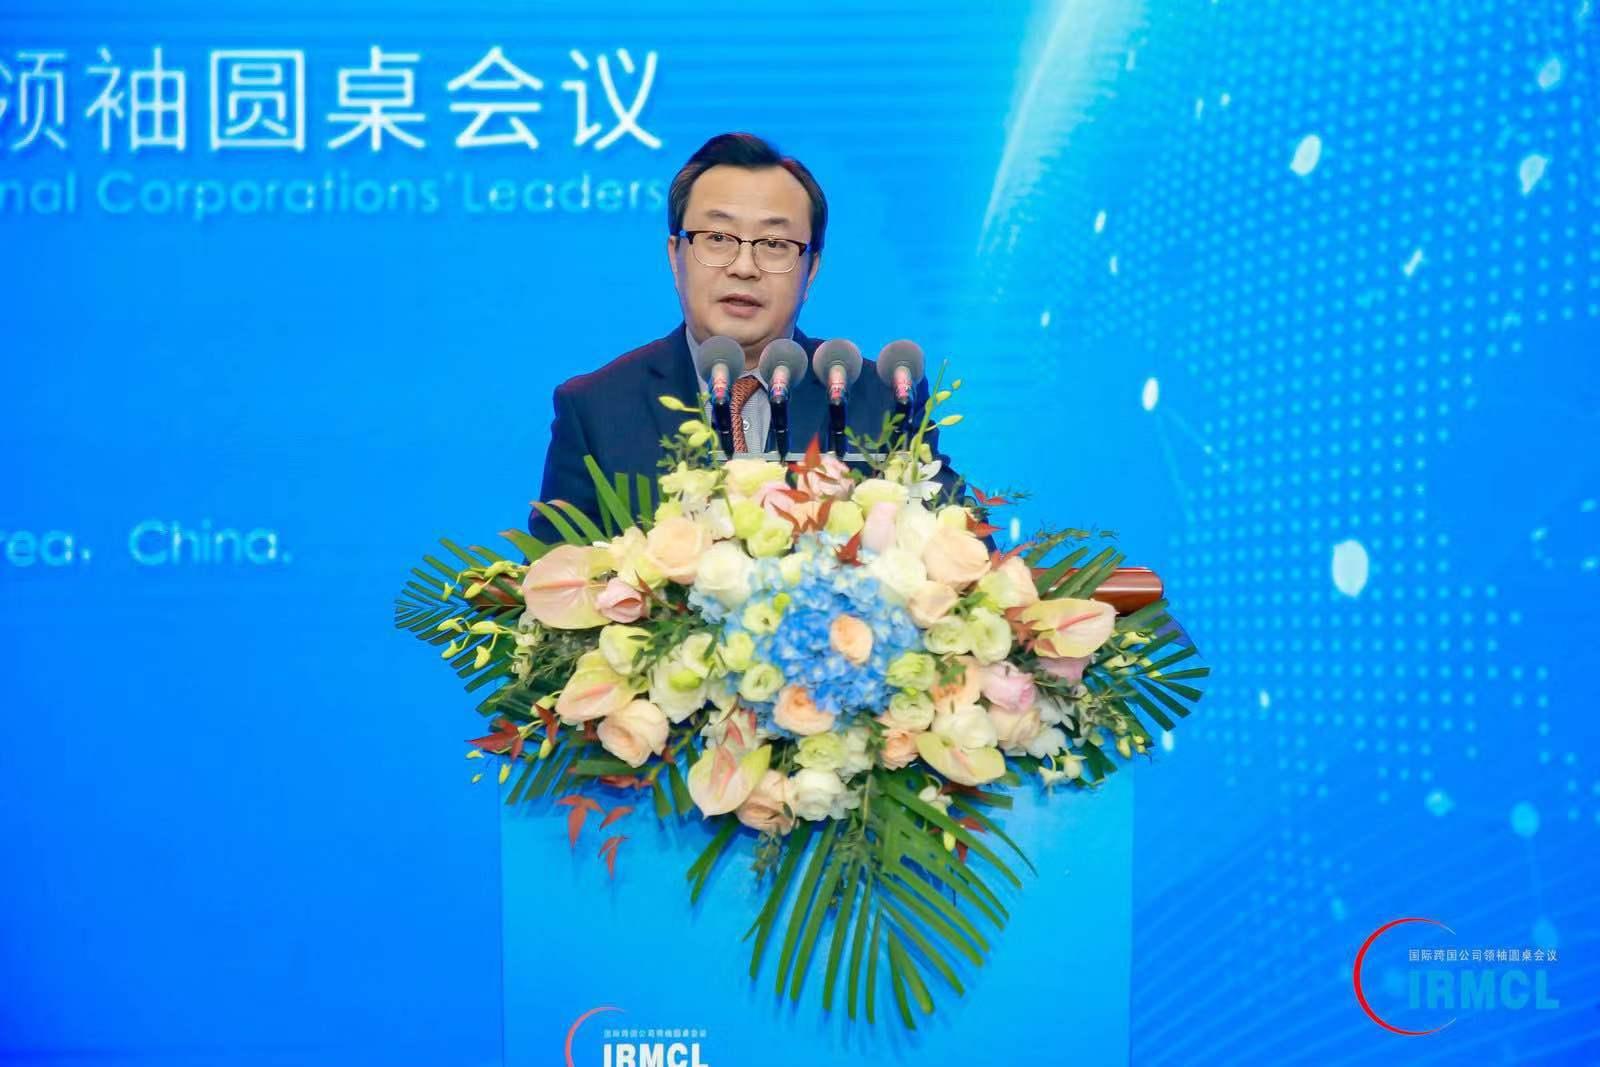 吴富林:跨国公司是世界经济的主体 国际贸易2/3以上与跨国公司有关